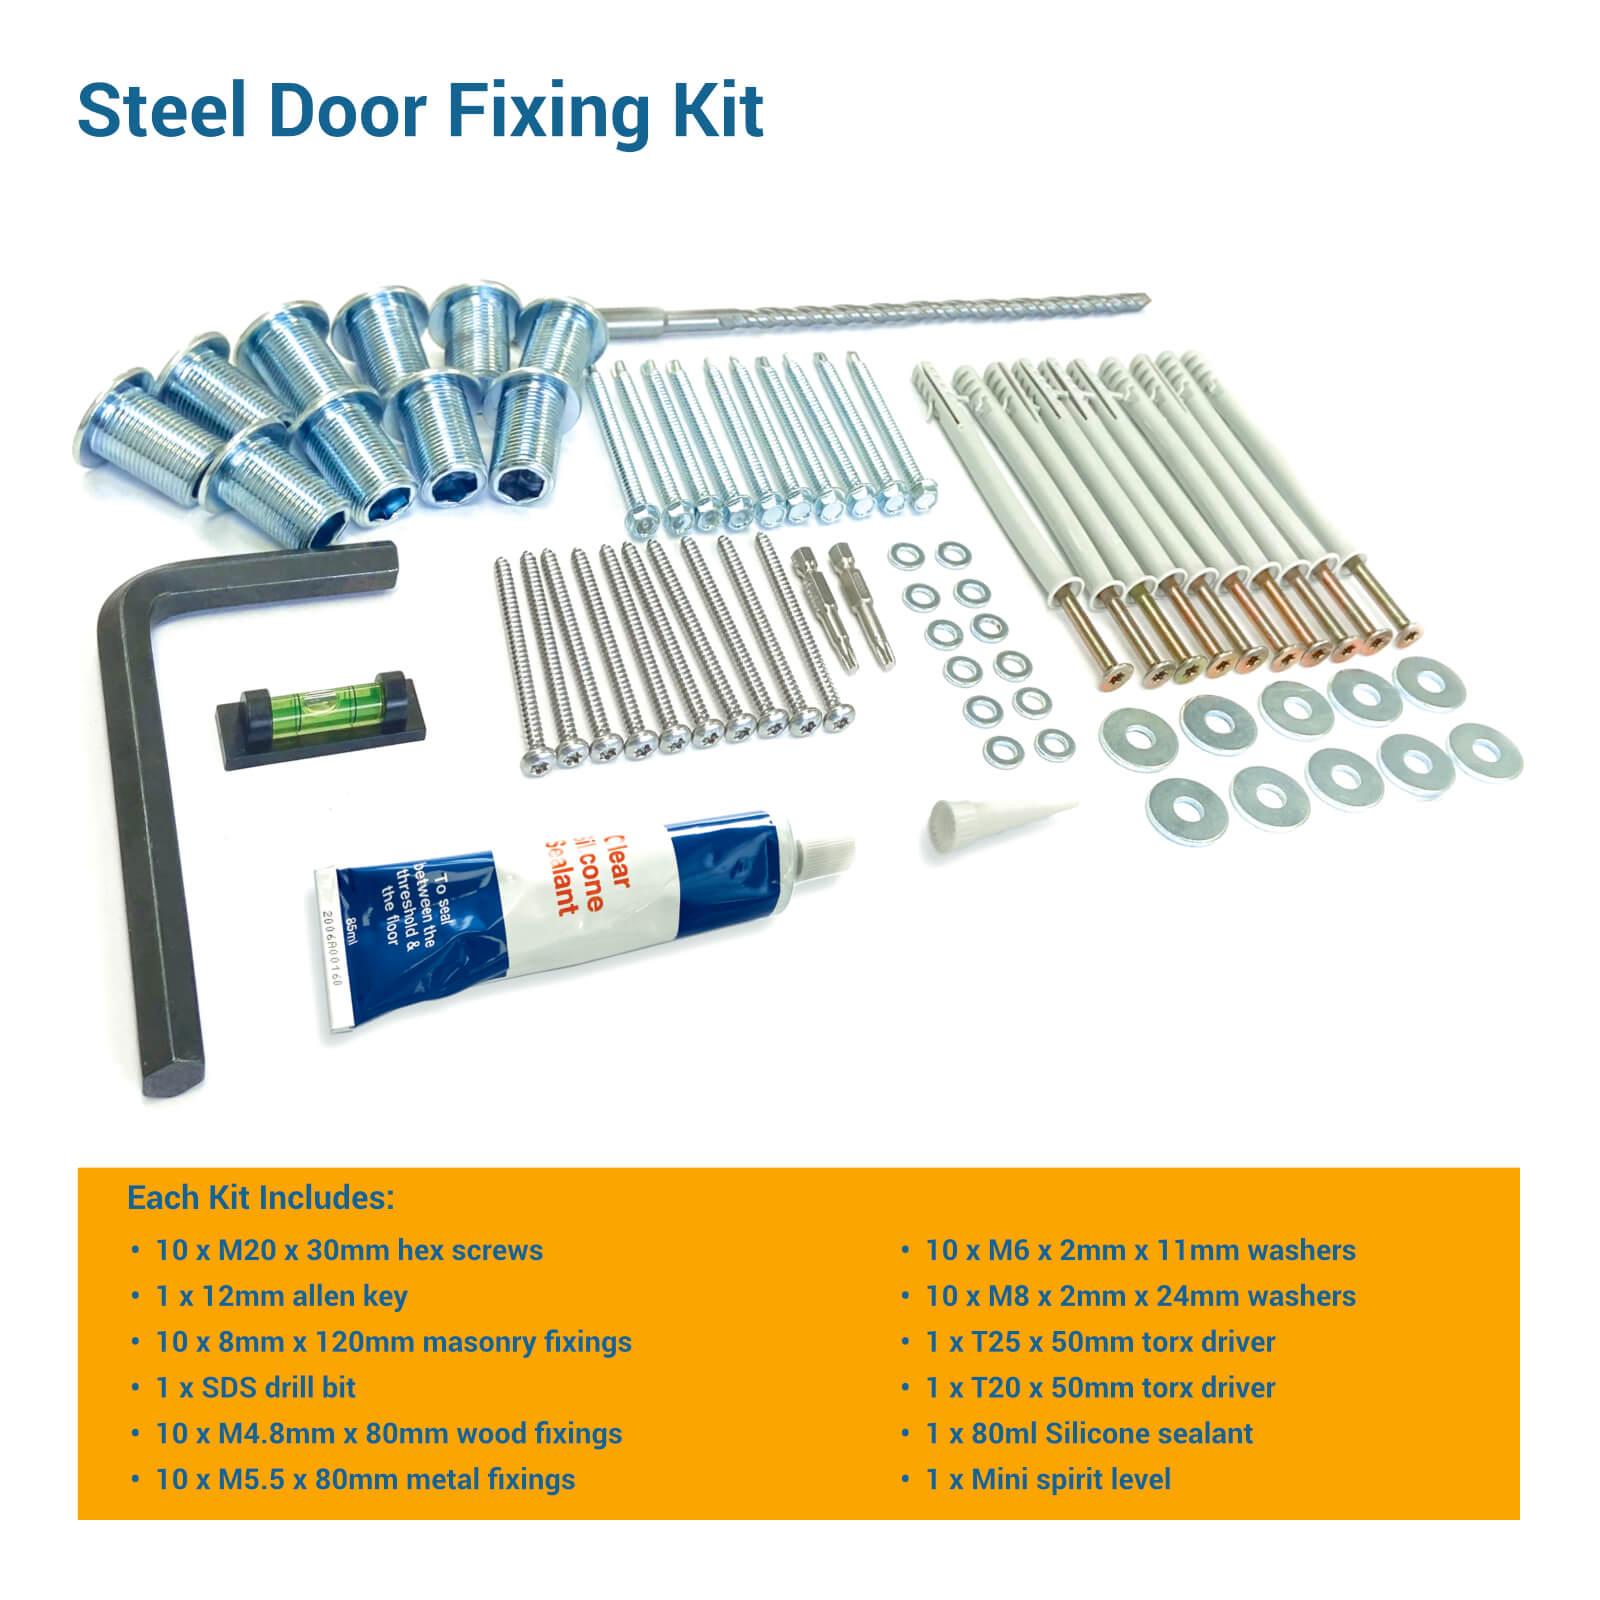 Overview of steel door fixing kit contents